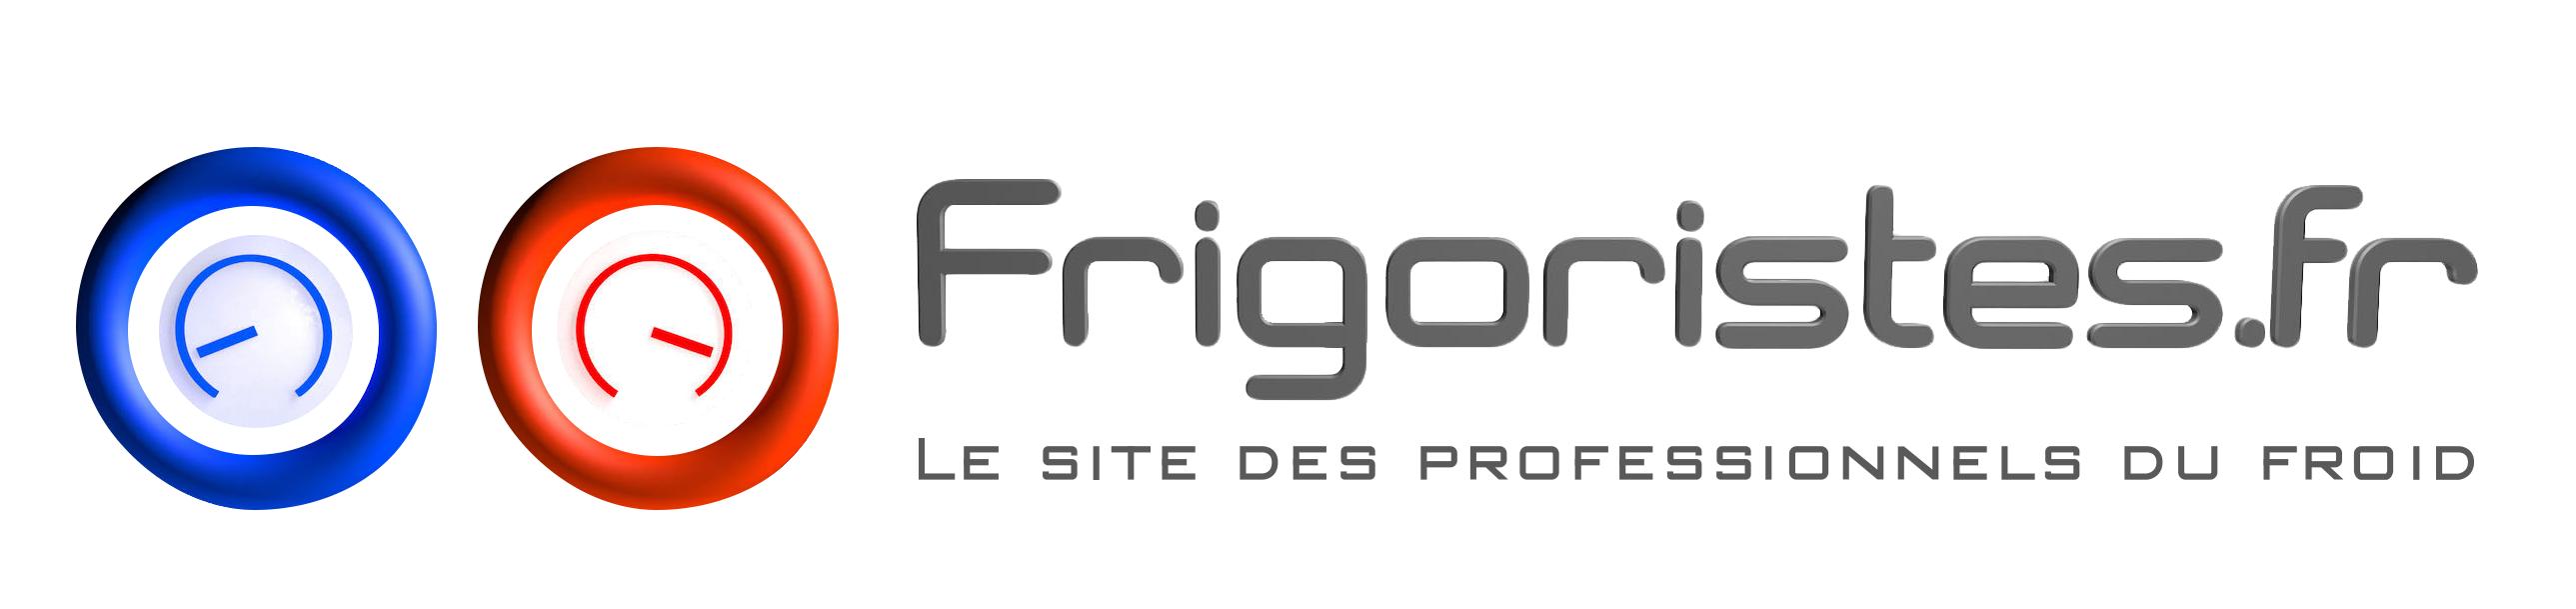 LogoFrigoristes.png